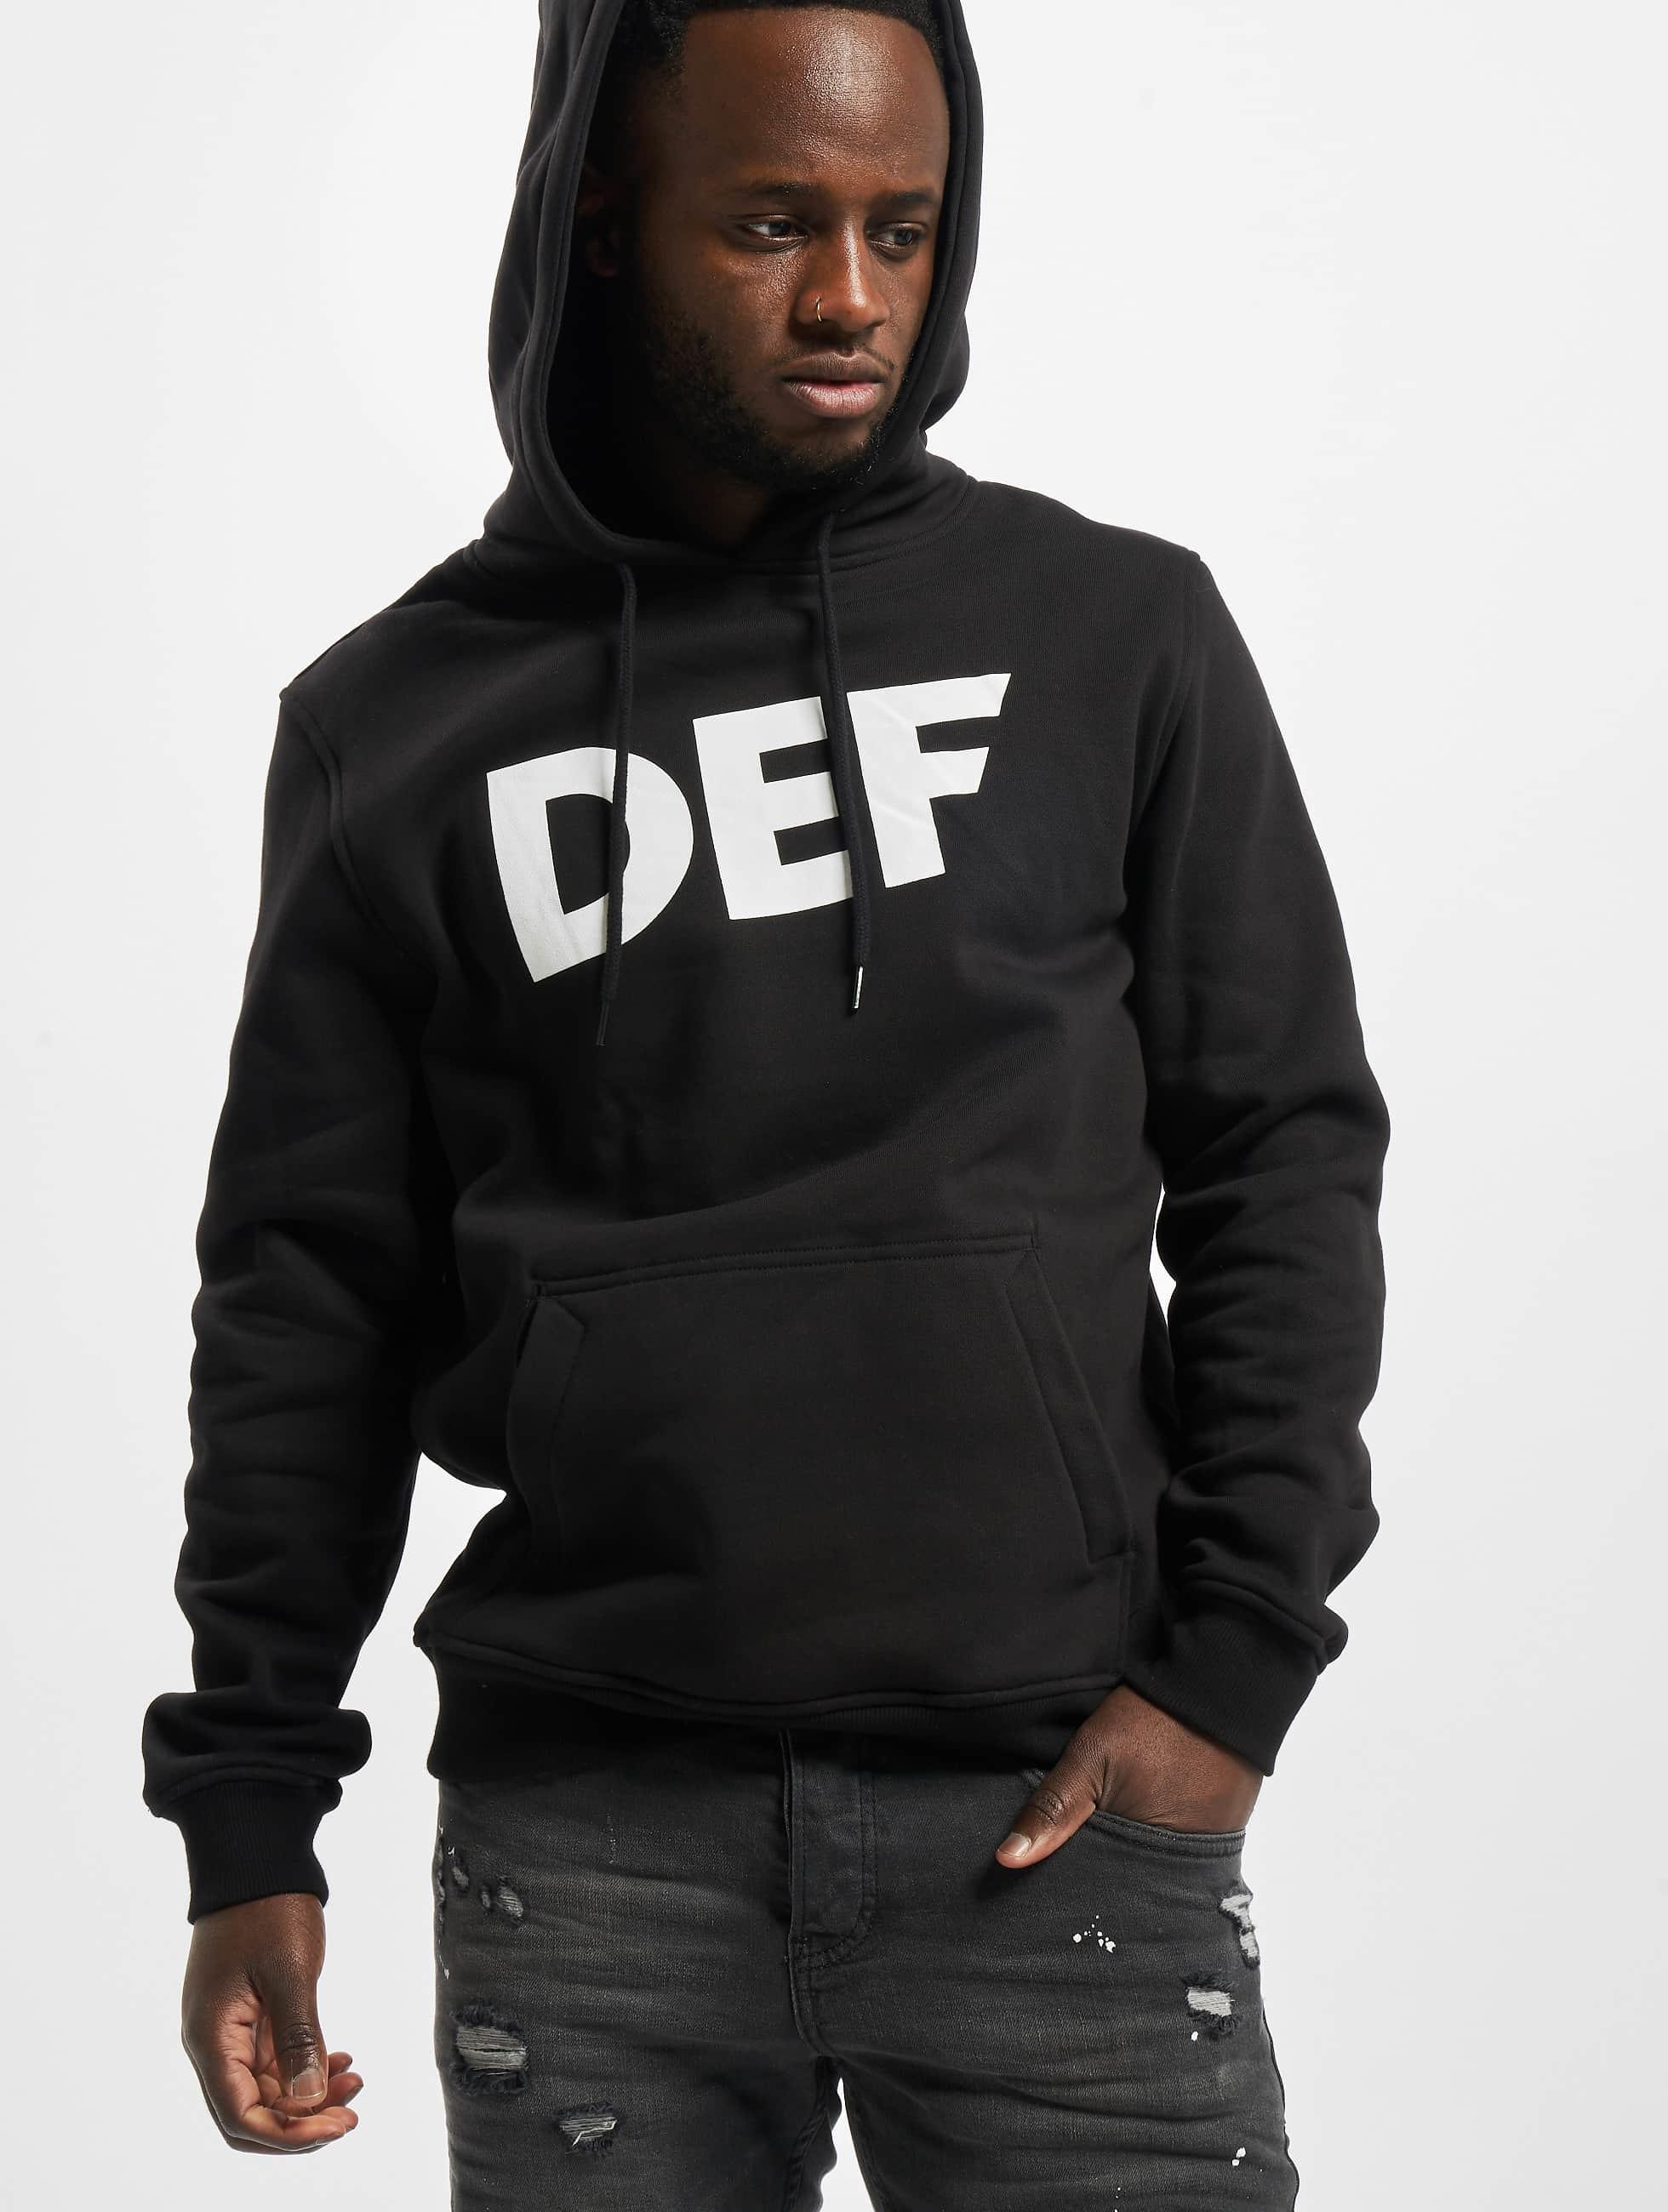 DEF / Hoodie Til Death in black XL